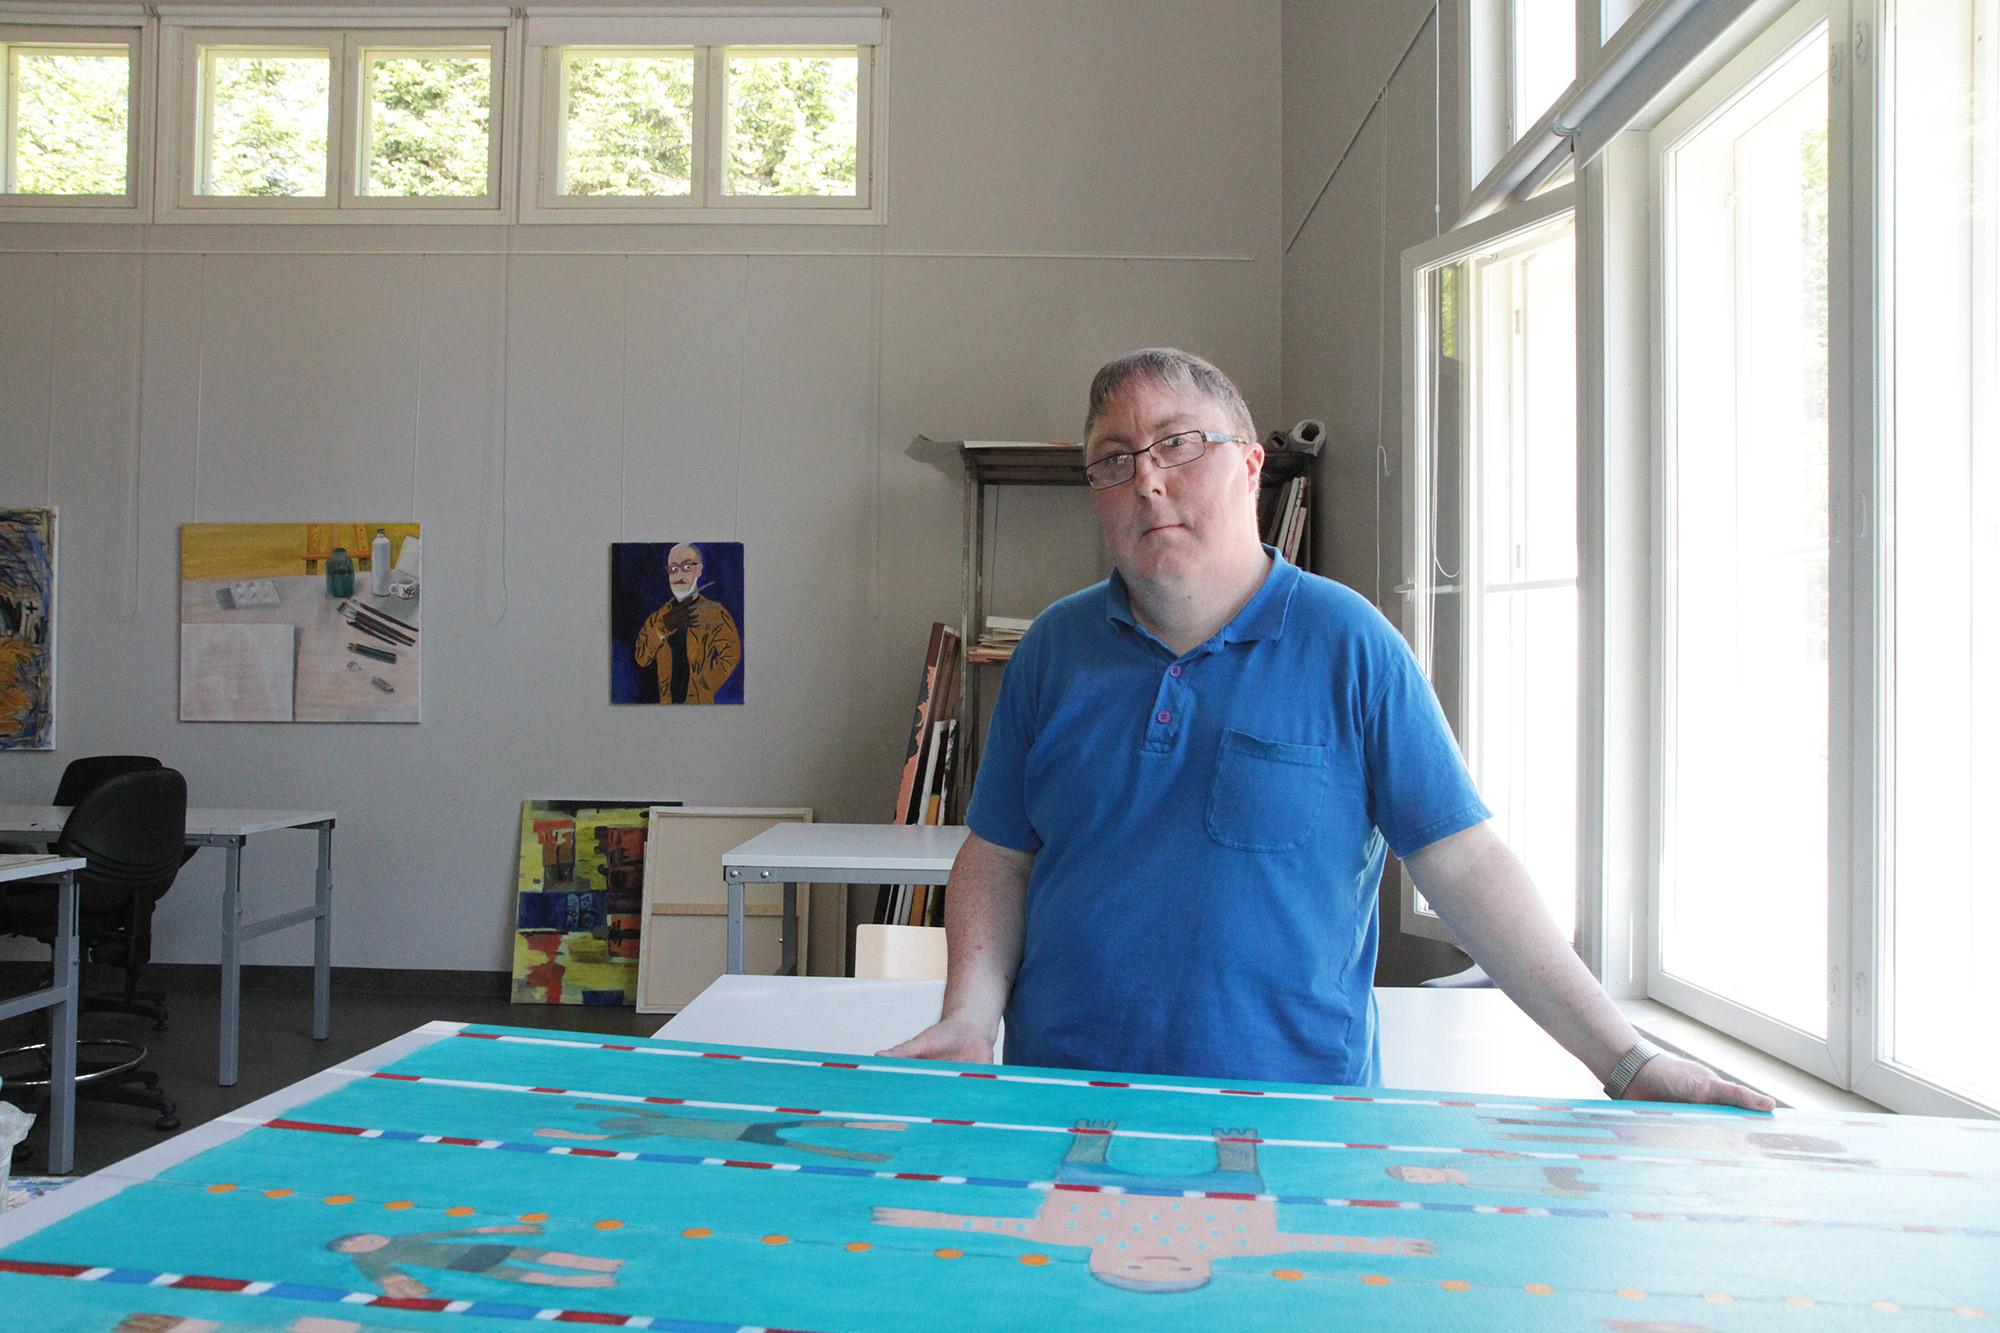 Mies seisoo pöydän takana. Pöydällä on suurikokoinen sininen maalaus.